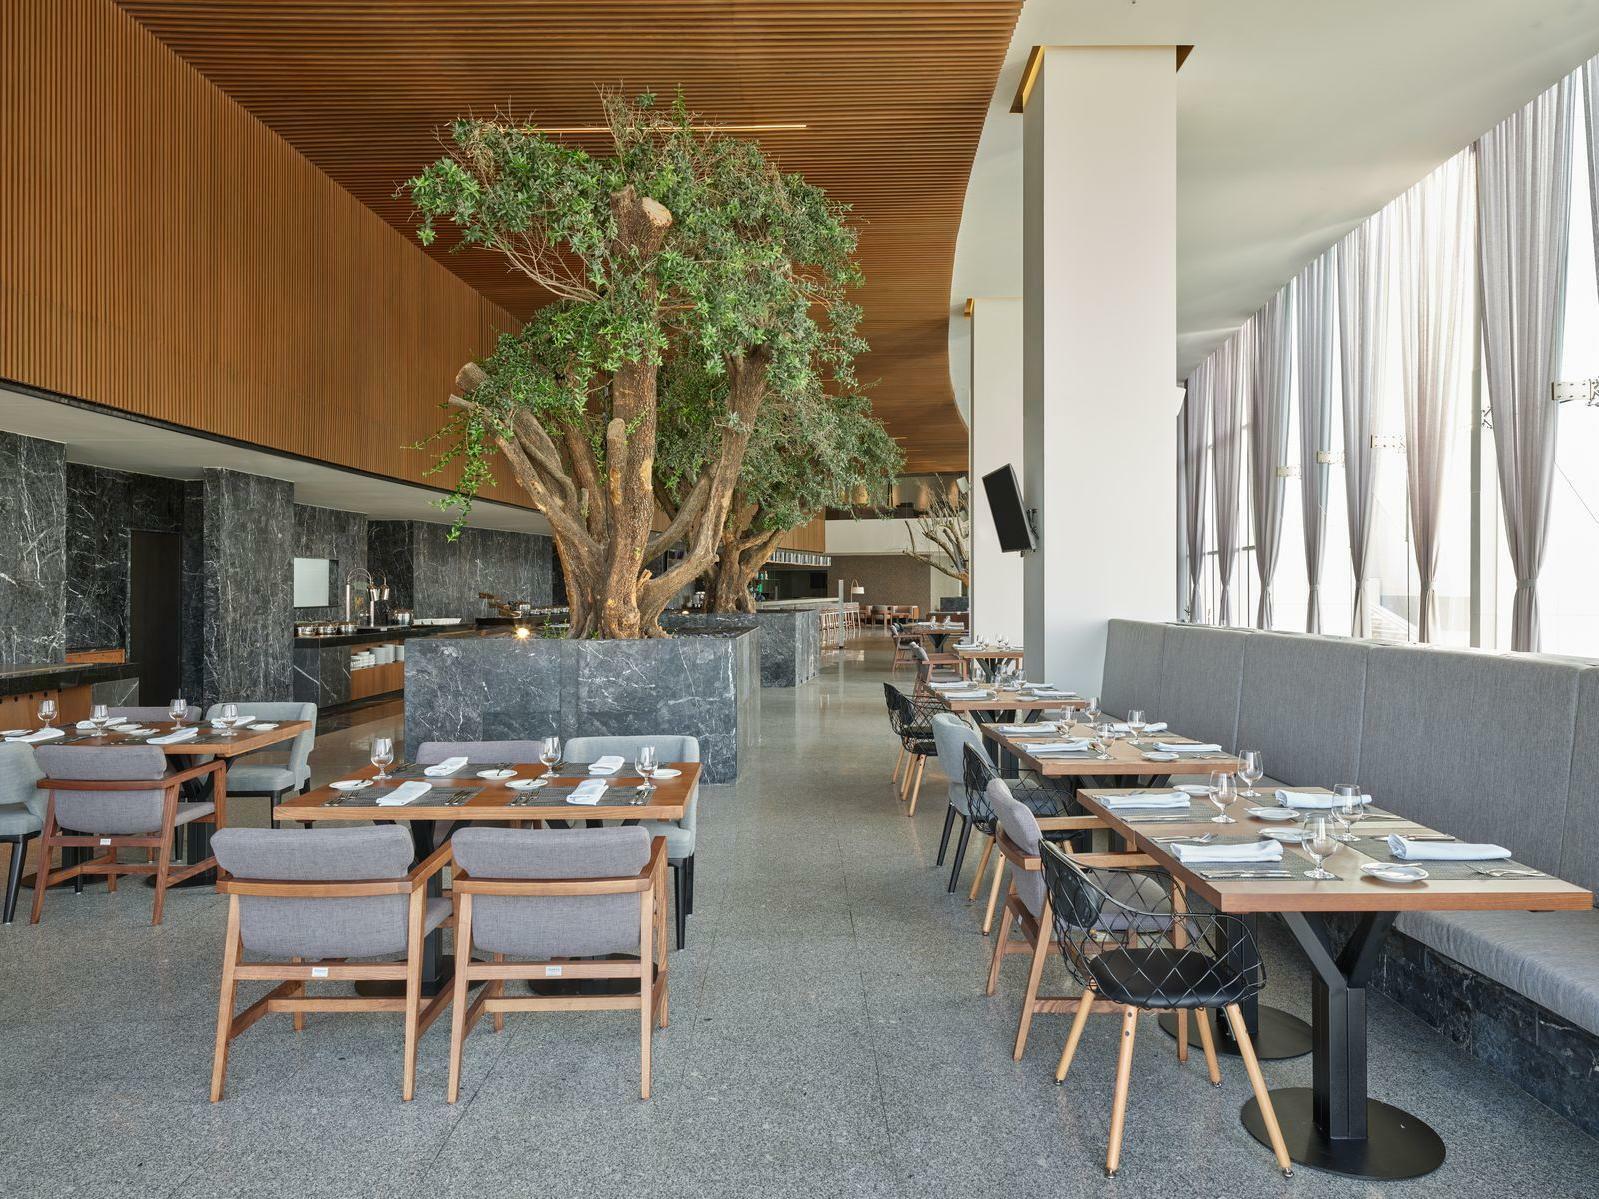 Restaurant Oliveria